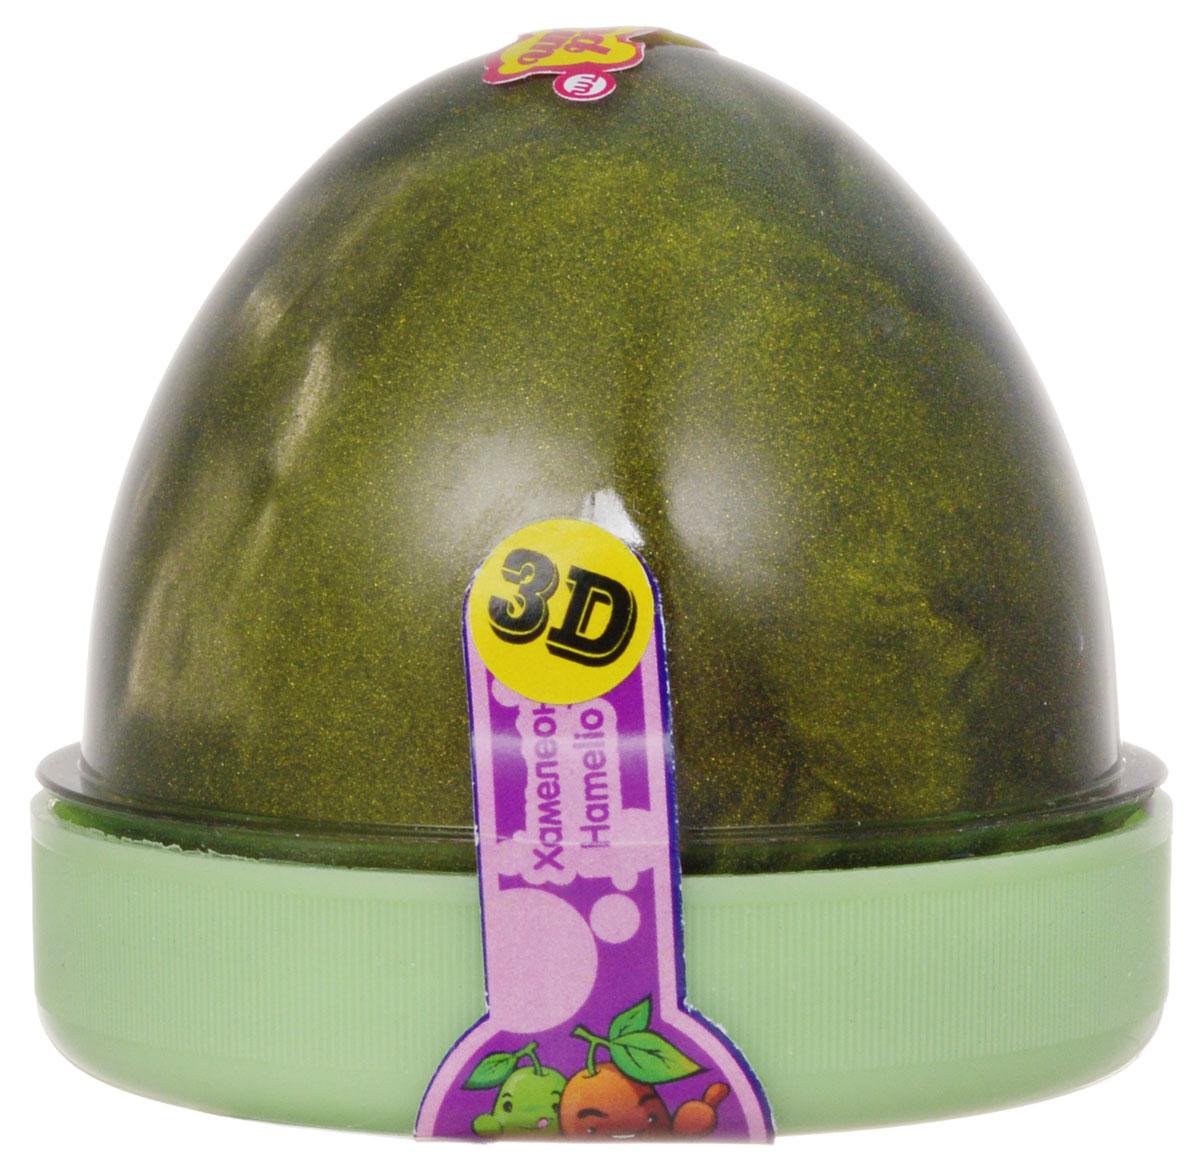 Жвачка для рук  ТМ HandGum , цвет: хамелеон, с запахом кензо, 70 г - Развлекательные игрушки